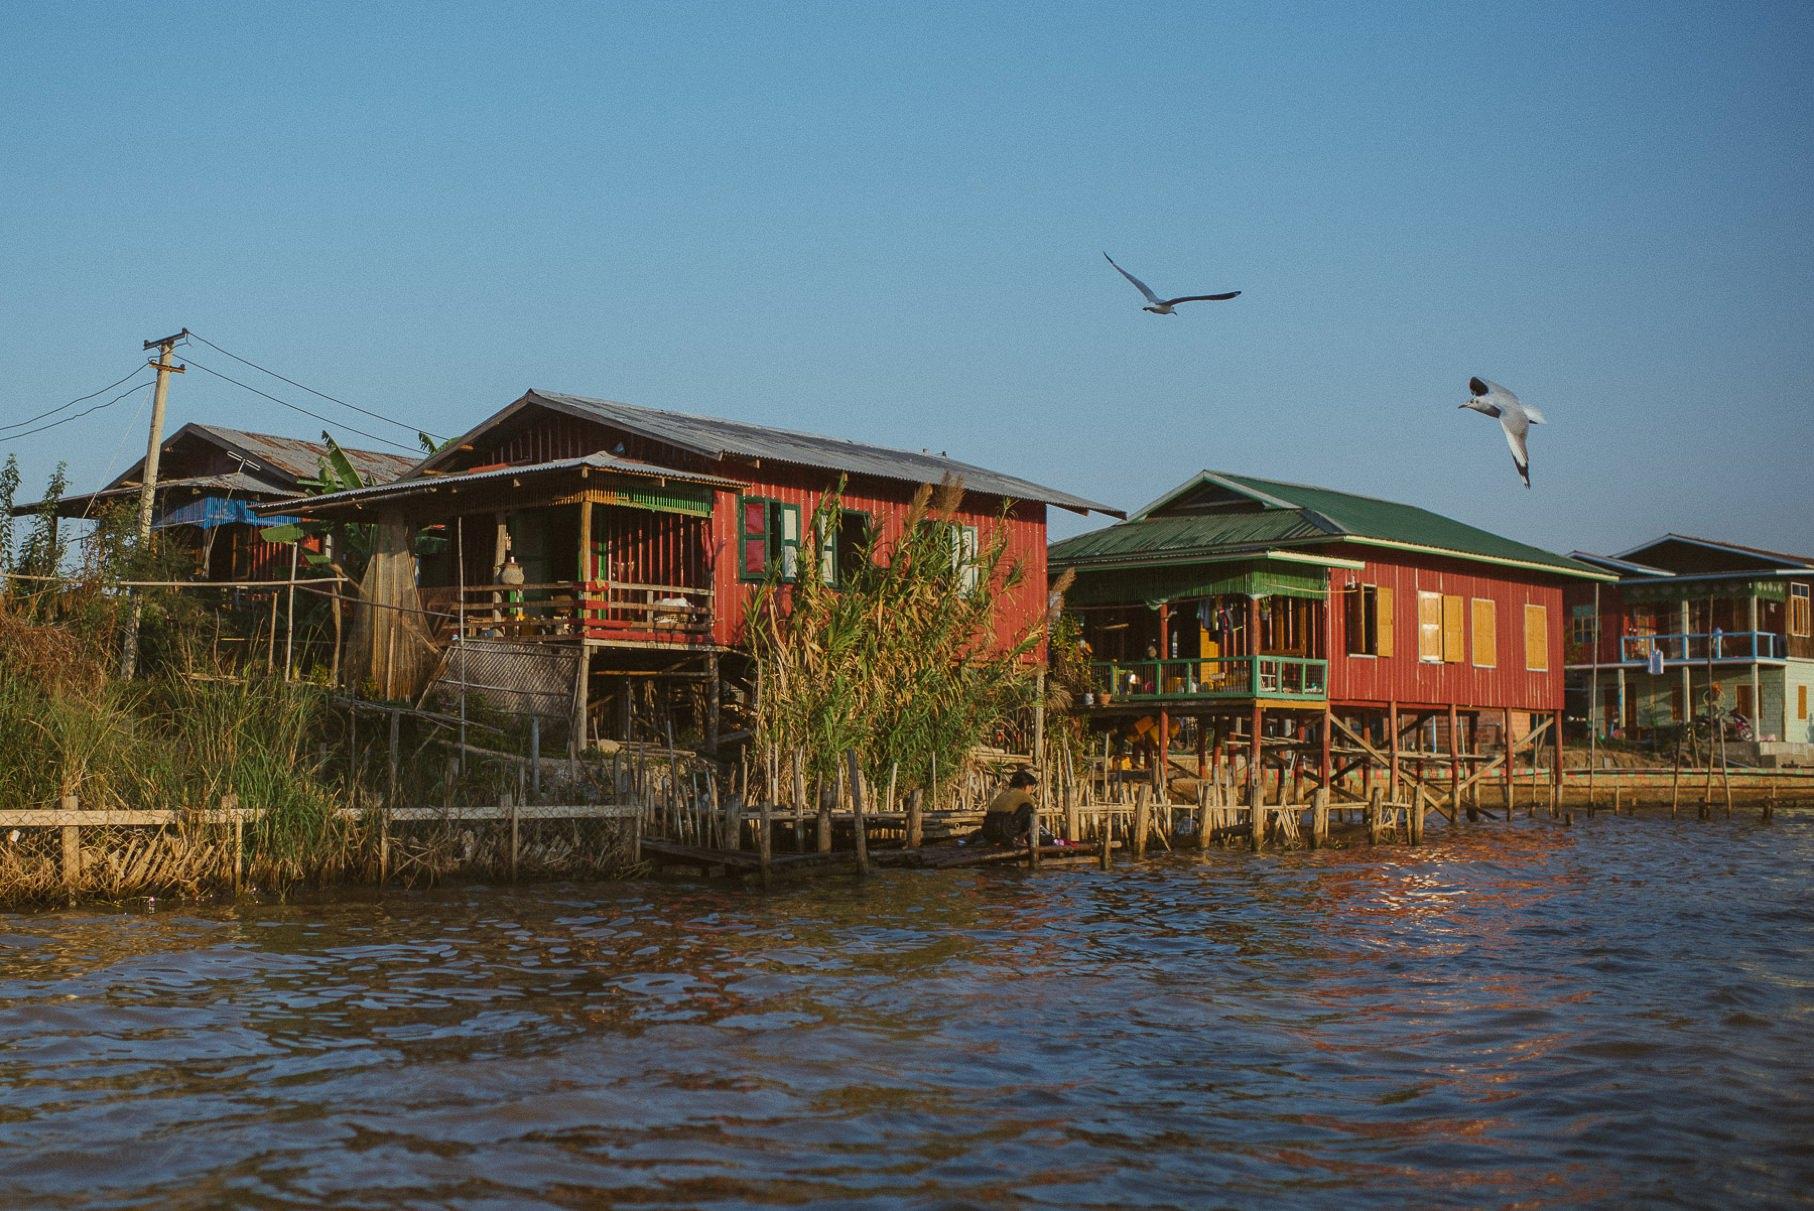 0071 inle lake trekking d75 1152 - Trekking von Kalaw zum Inle-See - Myanmar / Burma